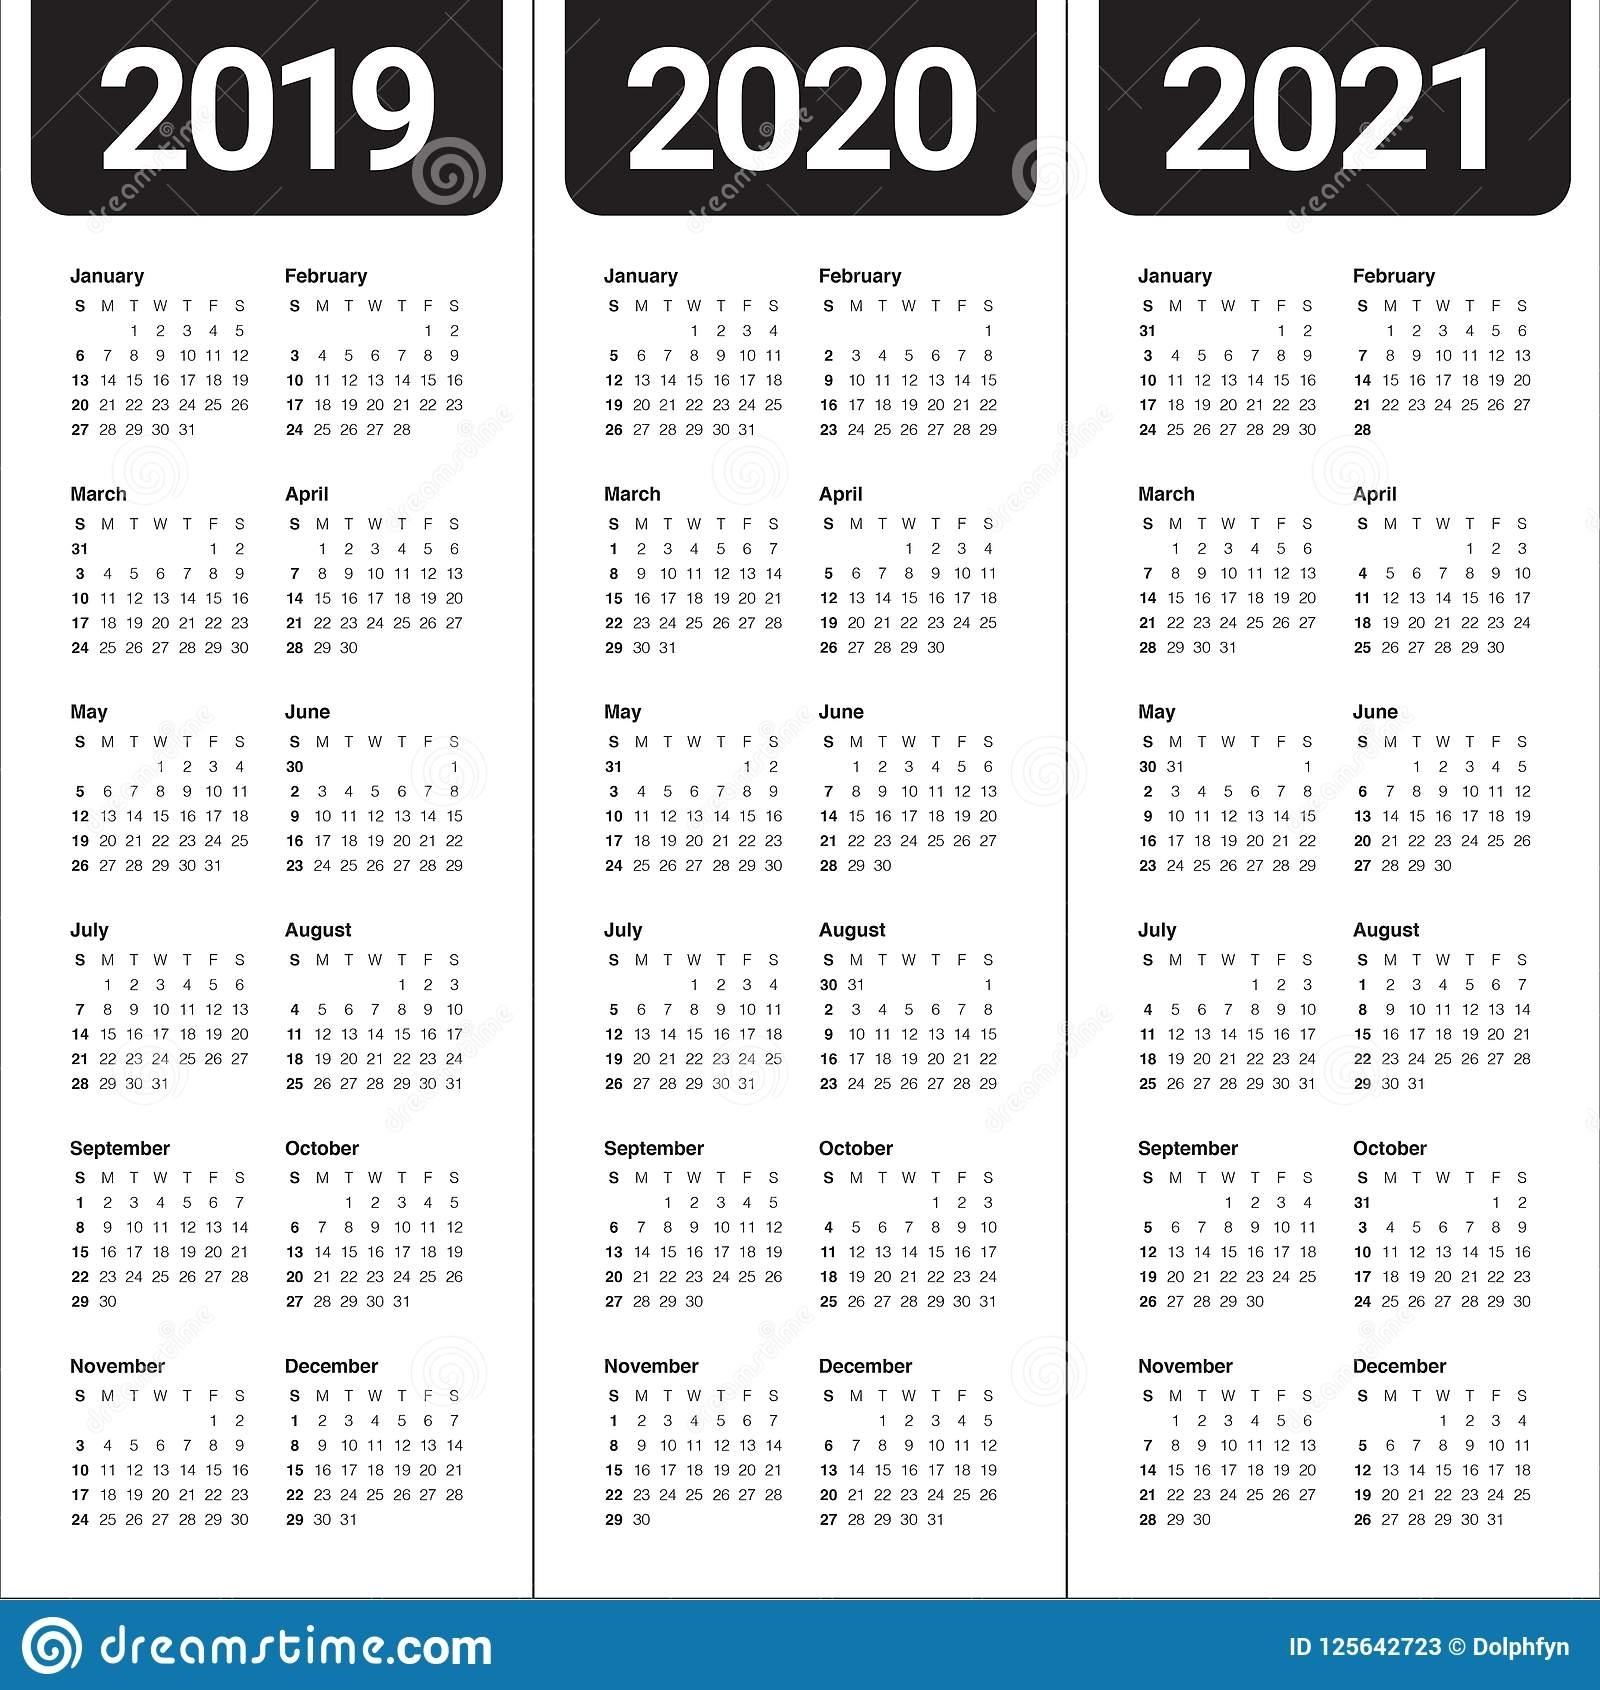 Year 2019 2020 2021 Calendar Vector Design Template Stock for 2019 2020 2021 Printable Calendar